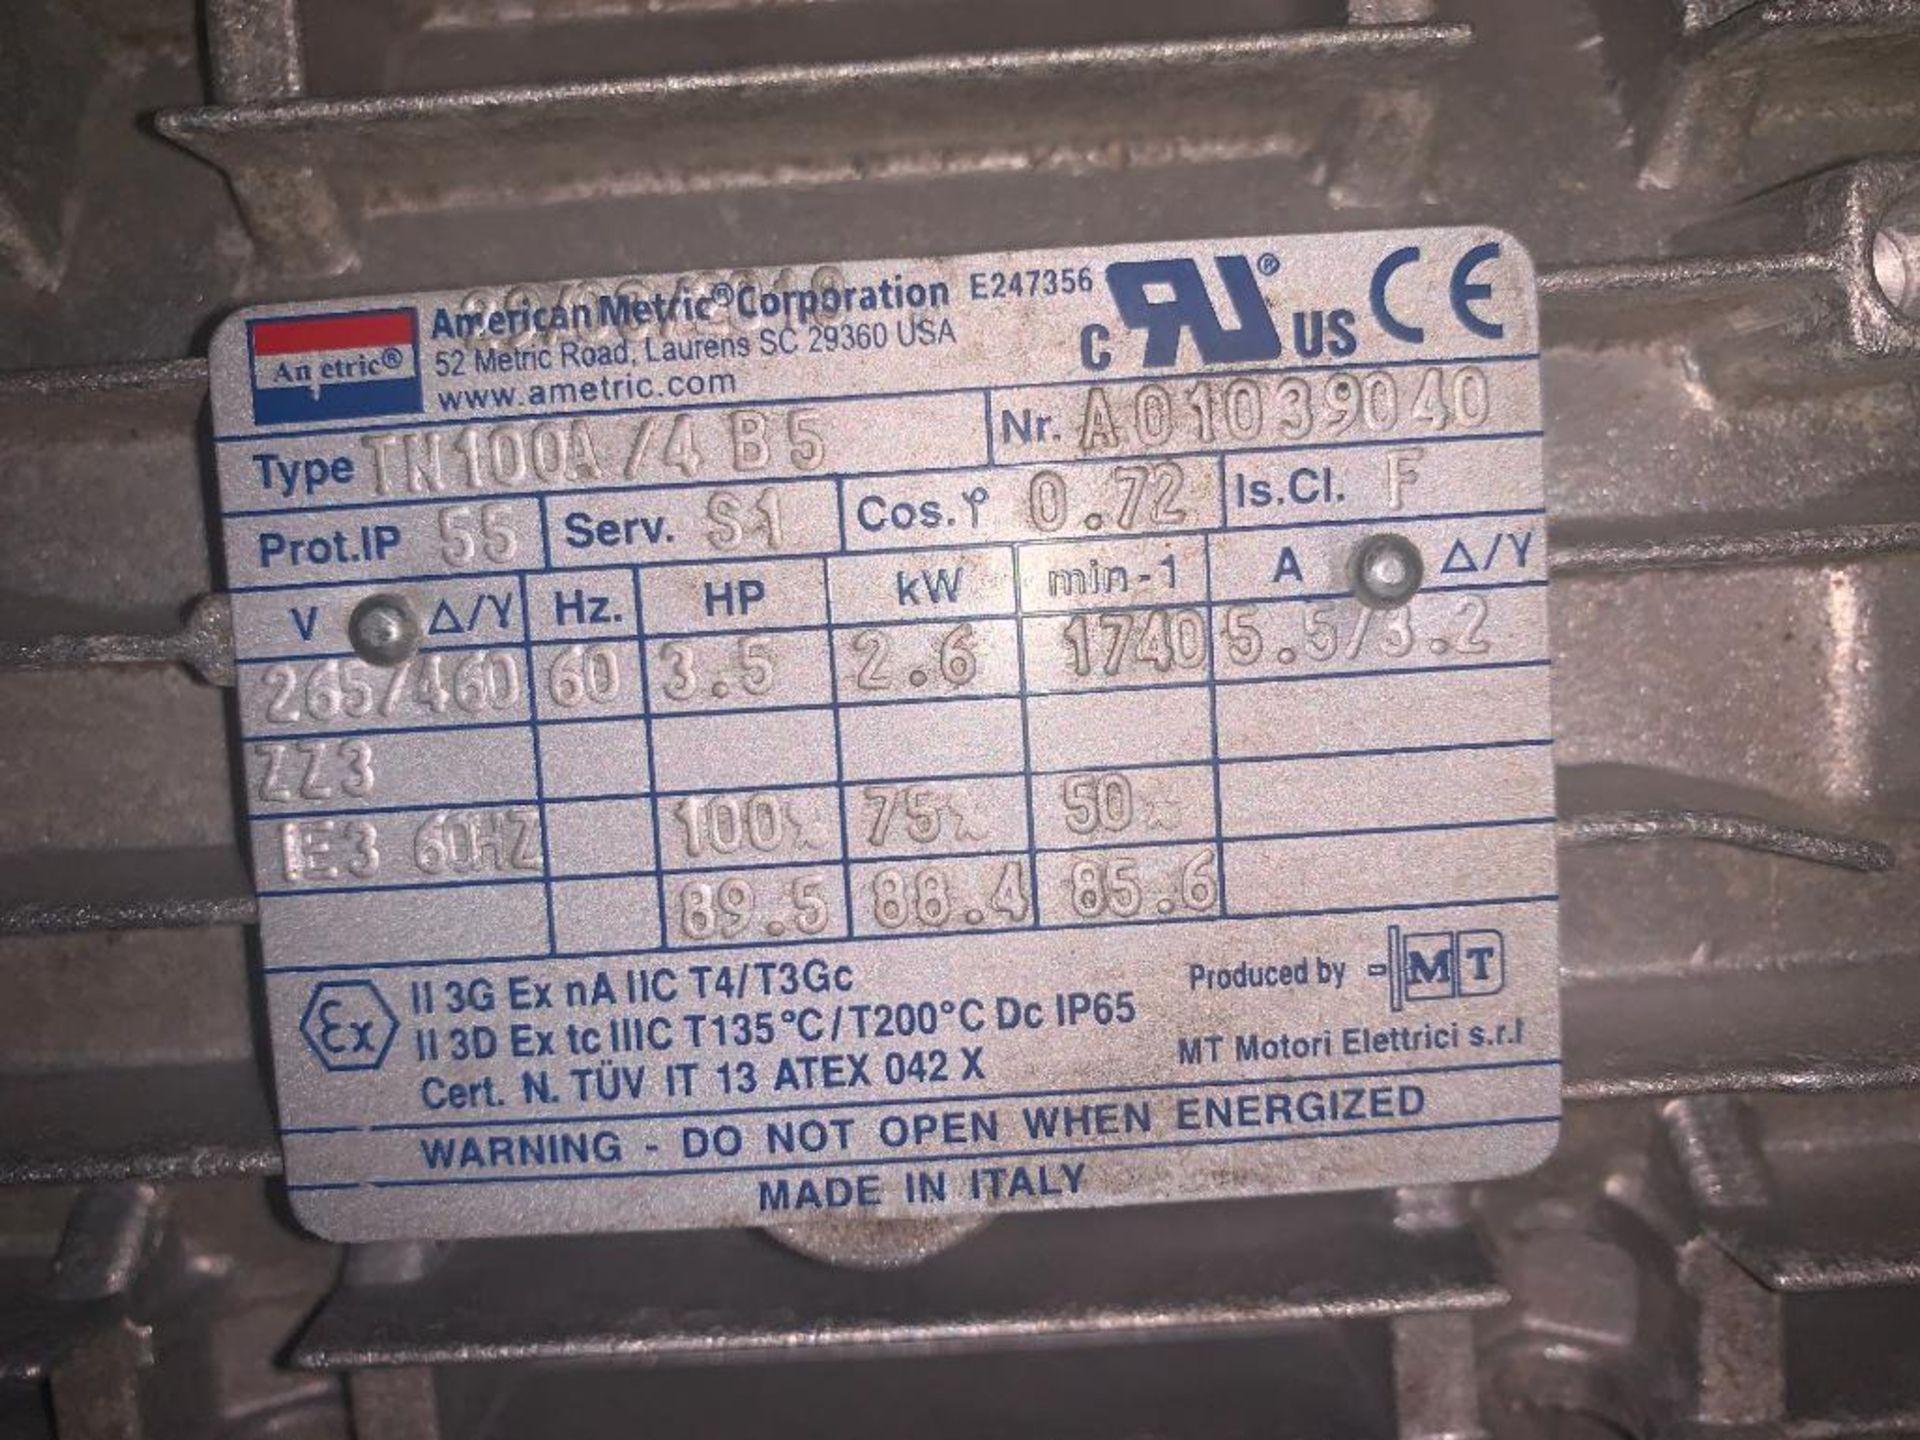 unused dual shaft motor - Image 2 of 4